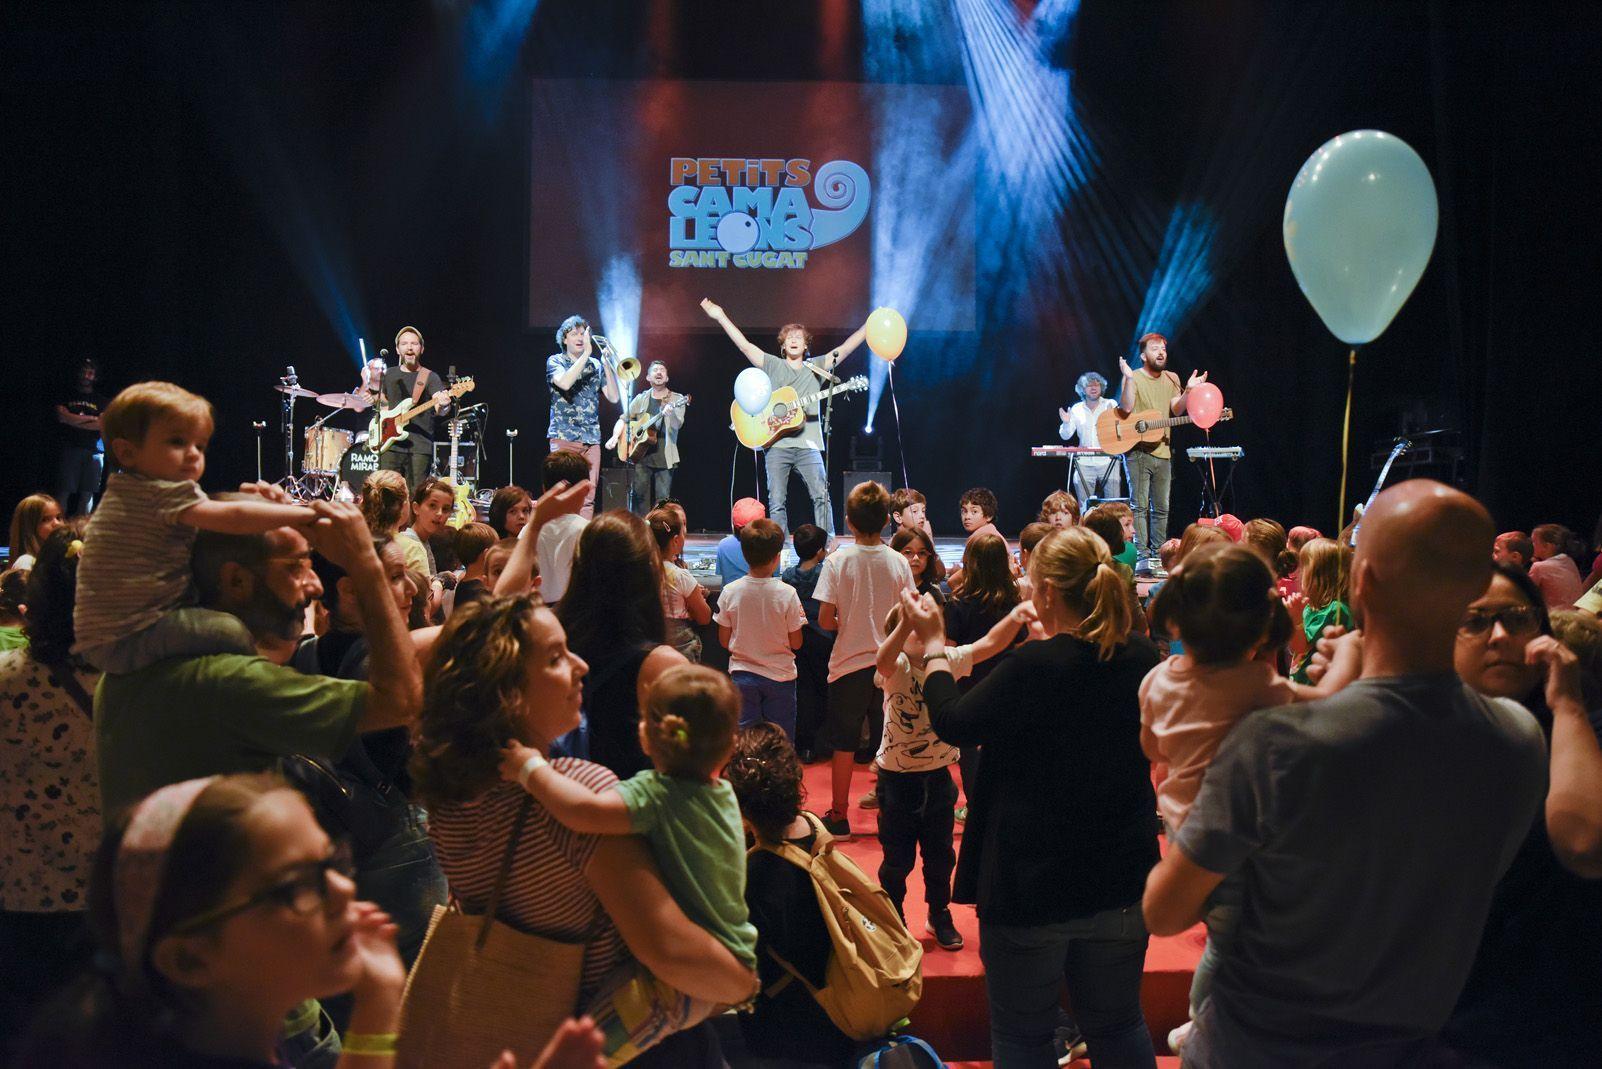 Ramon Mirabet al Festival de Música Petits Camaleons. Foto: Bernat Millet.